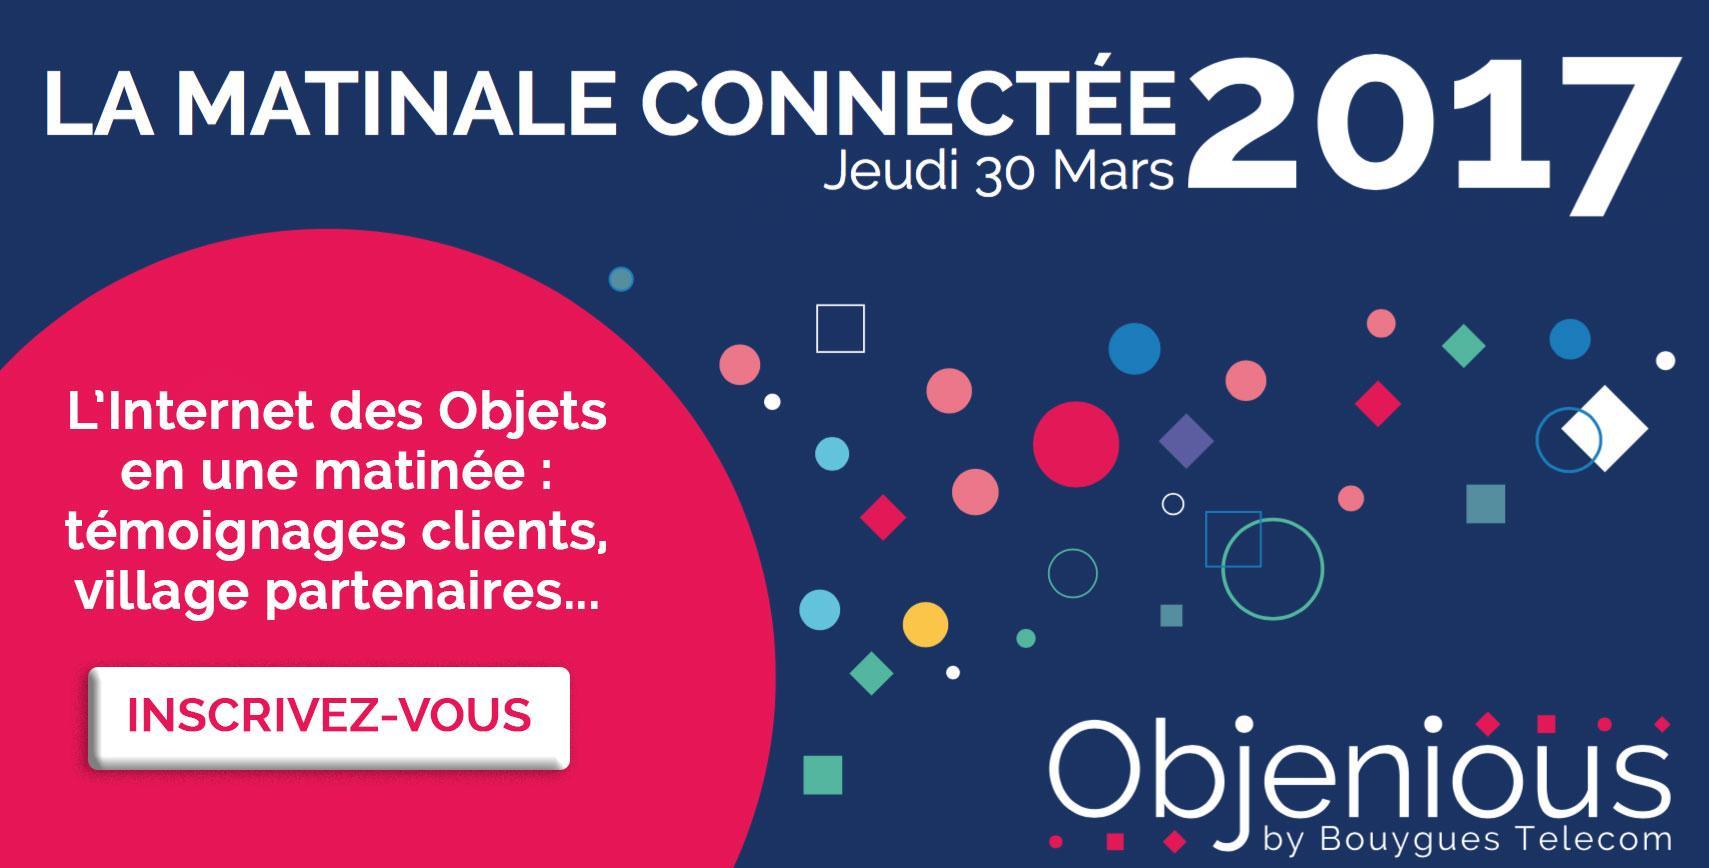 Matinale Connectée Objenious by Bouygues Tele